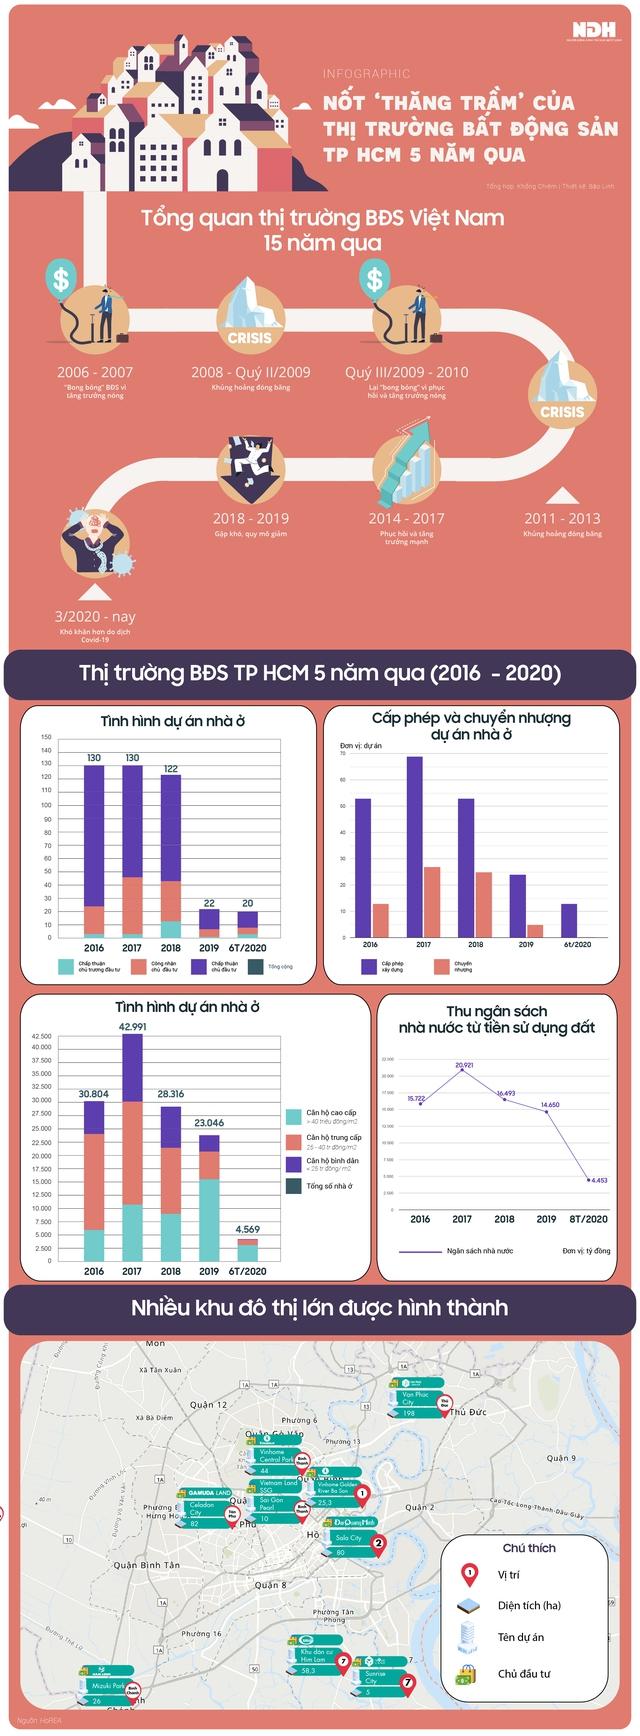 Nốt thăng trầm của thị trường bất động sản TP HCM 5 năm qua - Ảnh 1.